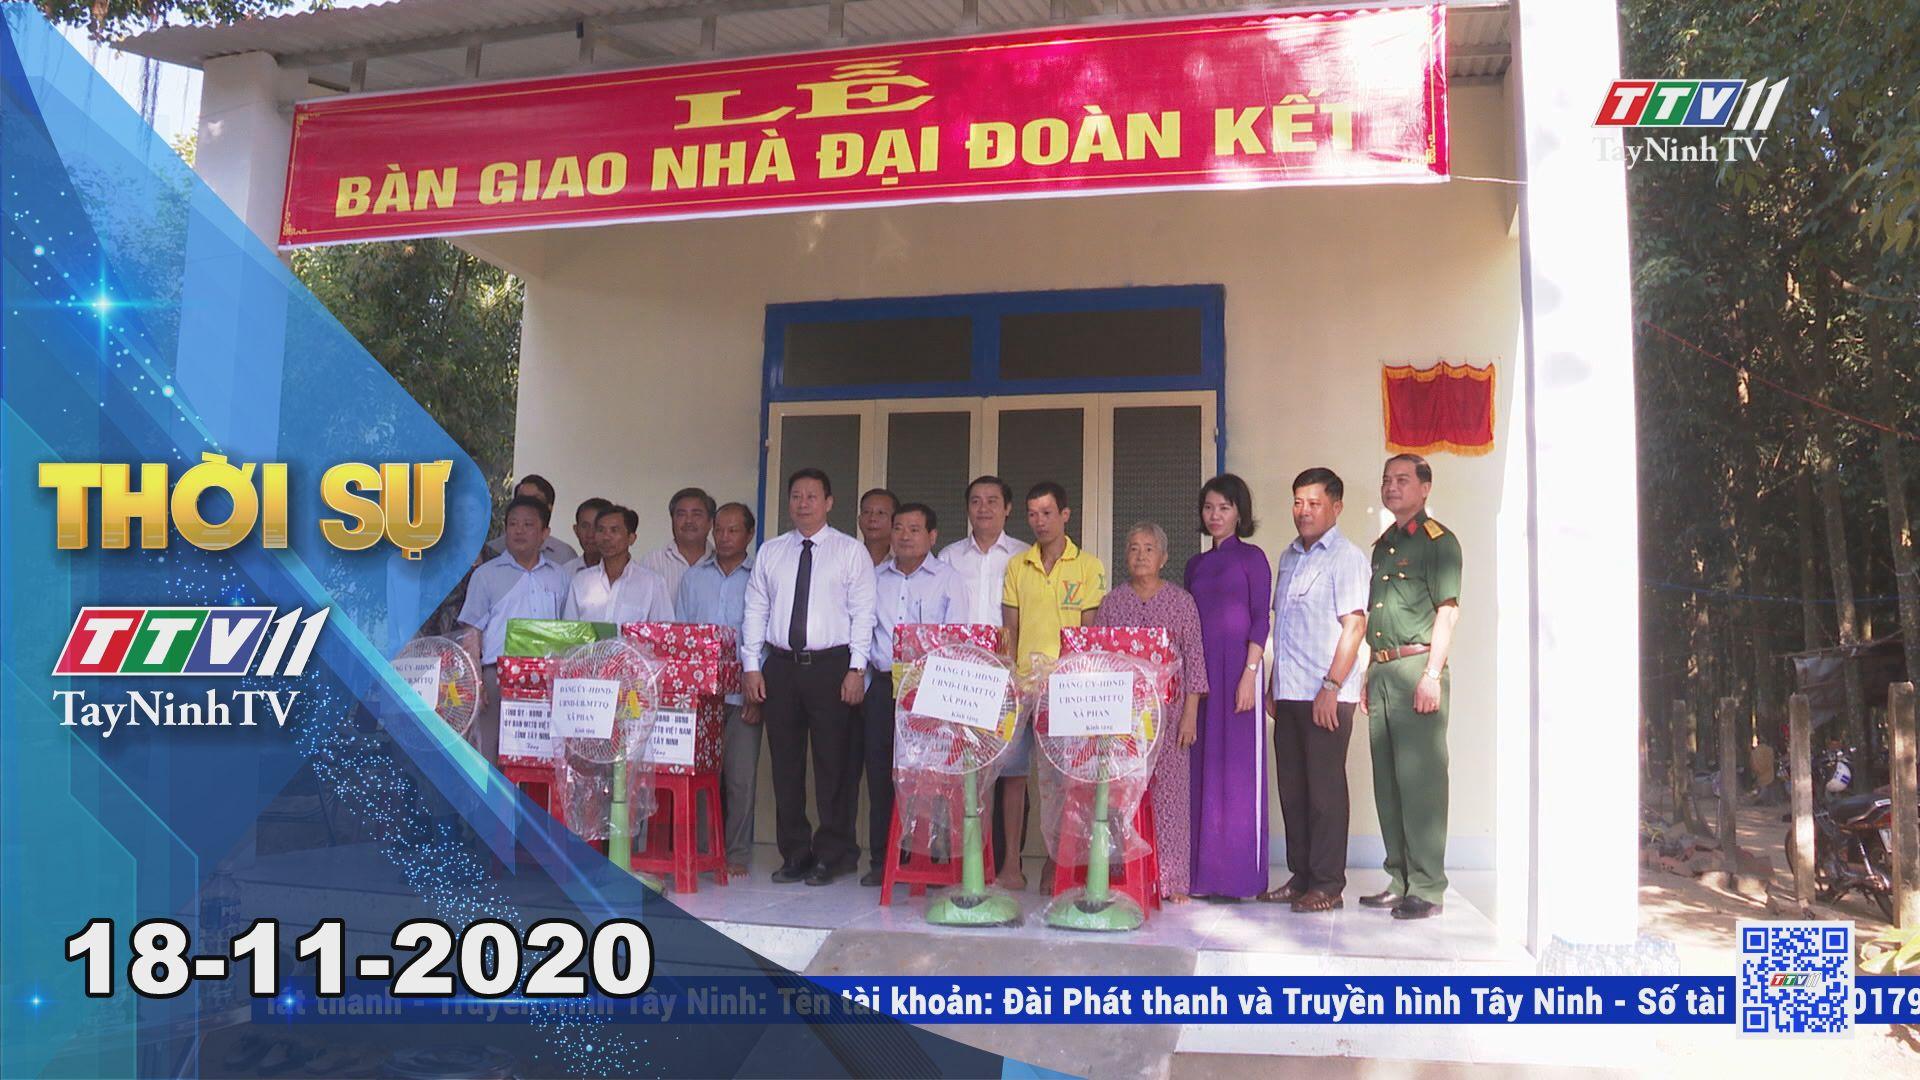 Thời sự Tây Ninh 18-11-2020 | Tin tức hôm nay | TayNinhTV